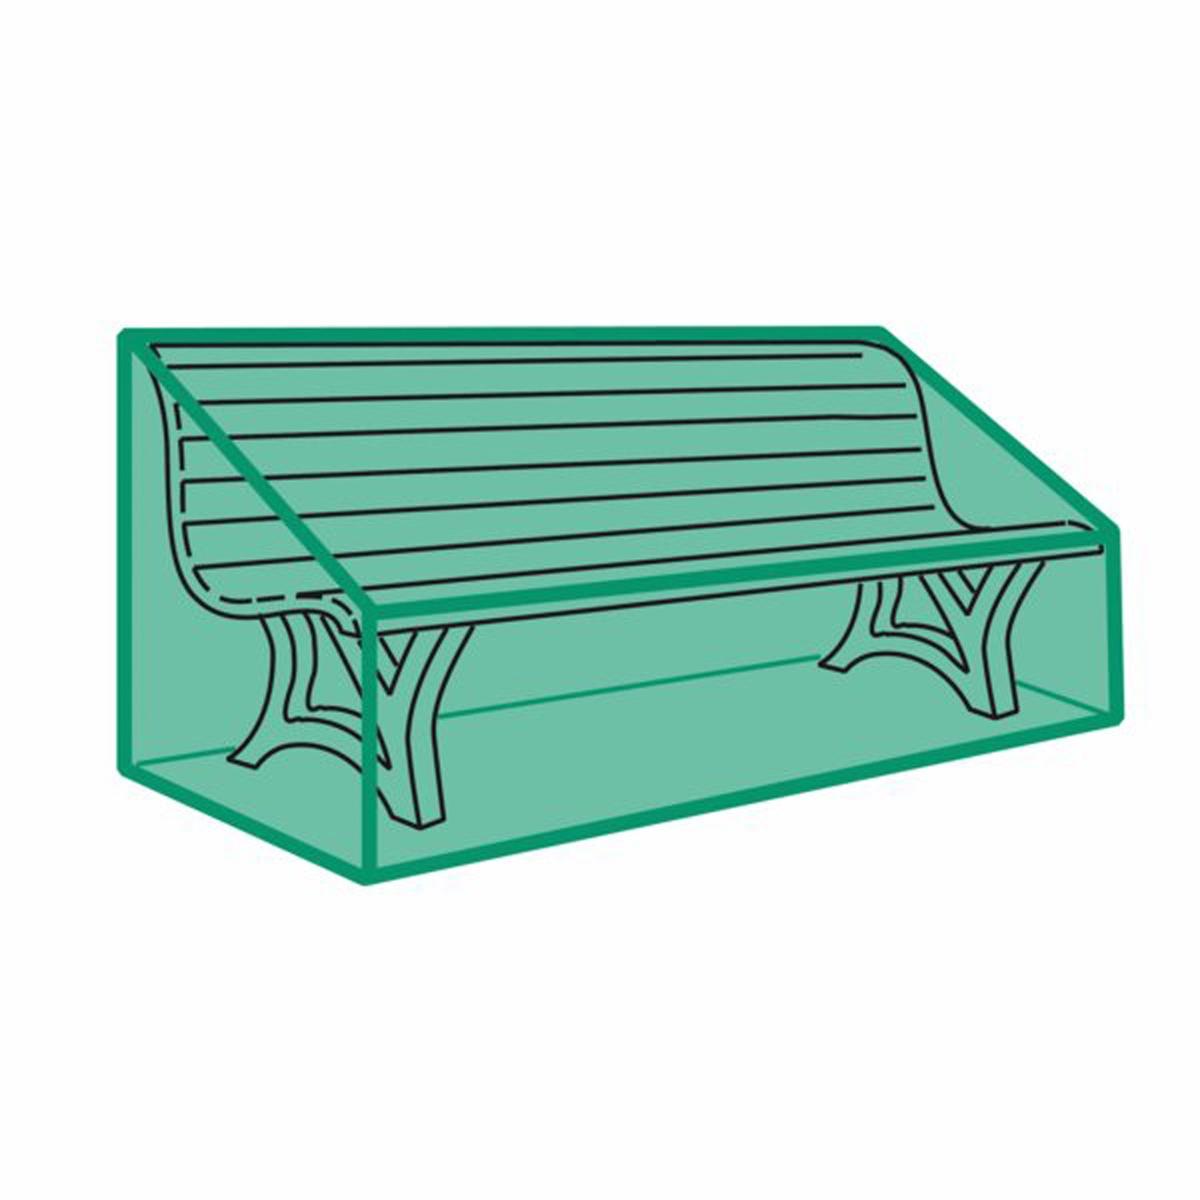 Чехол для садовой скамьиЗащитите вашу скамью от пыли и непогоды с помощью этого очень прочного чехла. Отличается практичностью и легкостью складывания (специально разработанная система складывания чехла).      Качество VALEUR S?RE, герметичный и стойкий к гниению .       Характеристики чехла :- Выполнен из спаянного полиэтилена- Нержавеющие люверсы- Система быстрого складывания- Цвет зеленый полупрозрачныйРазмеры :Для садовой скамьи с максимальной длиной 2 м<br><br>Цвет: зеленый